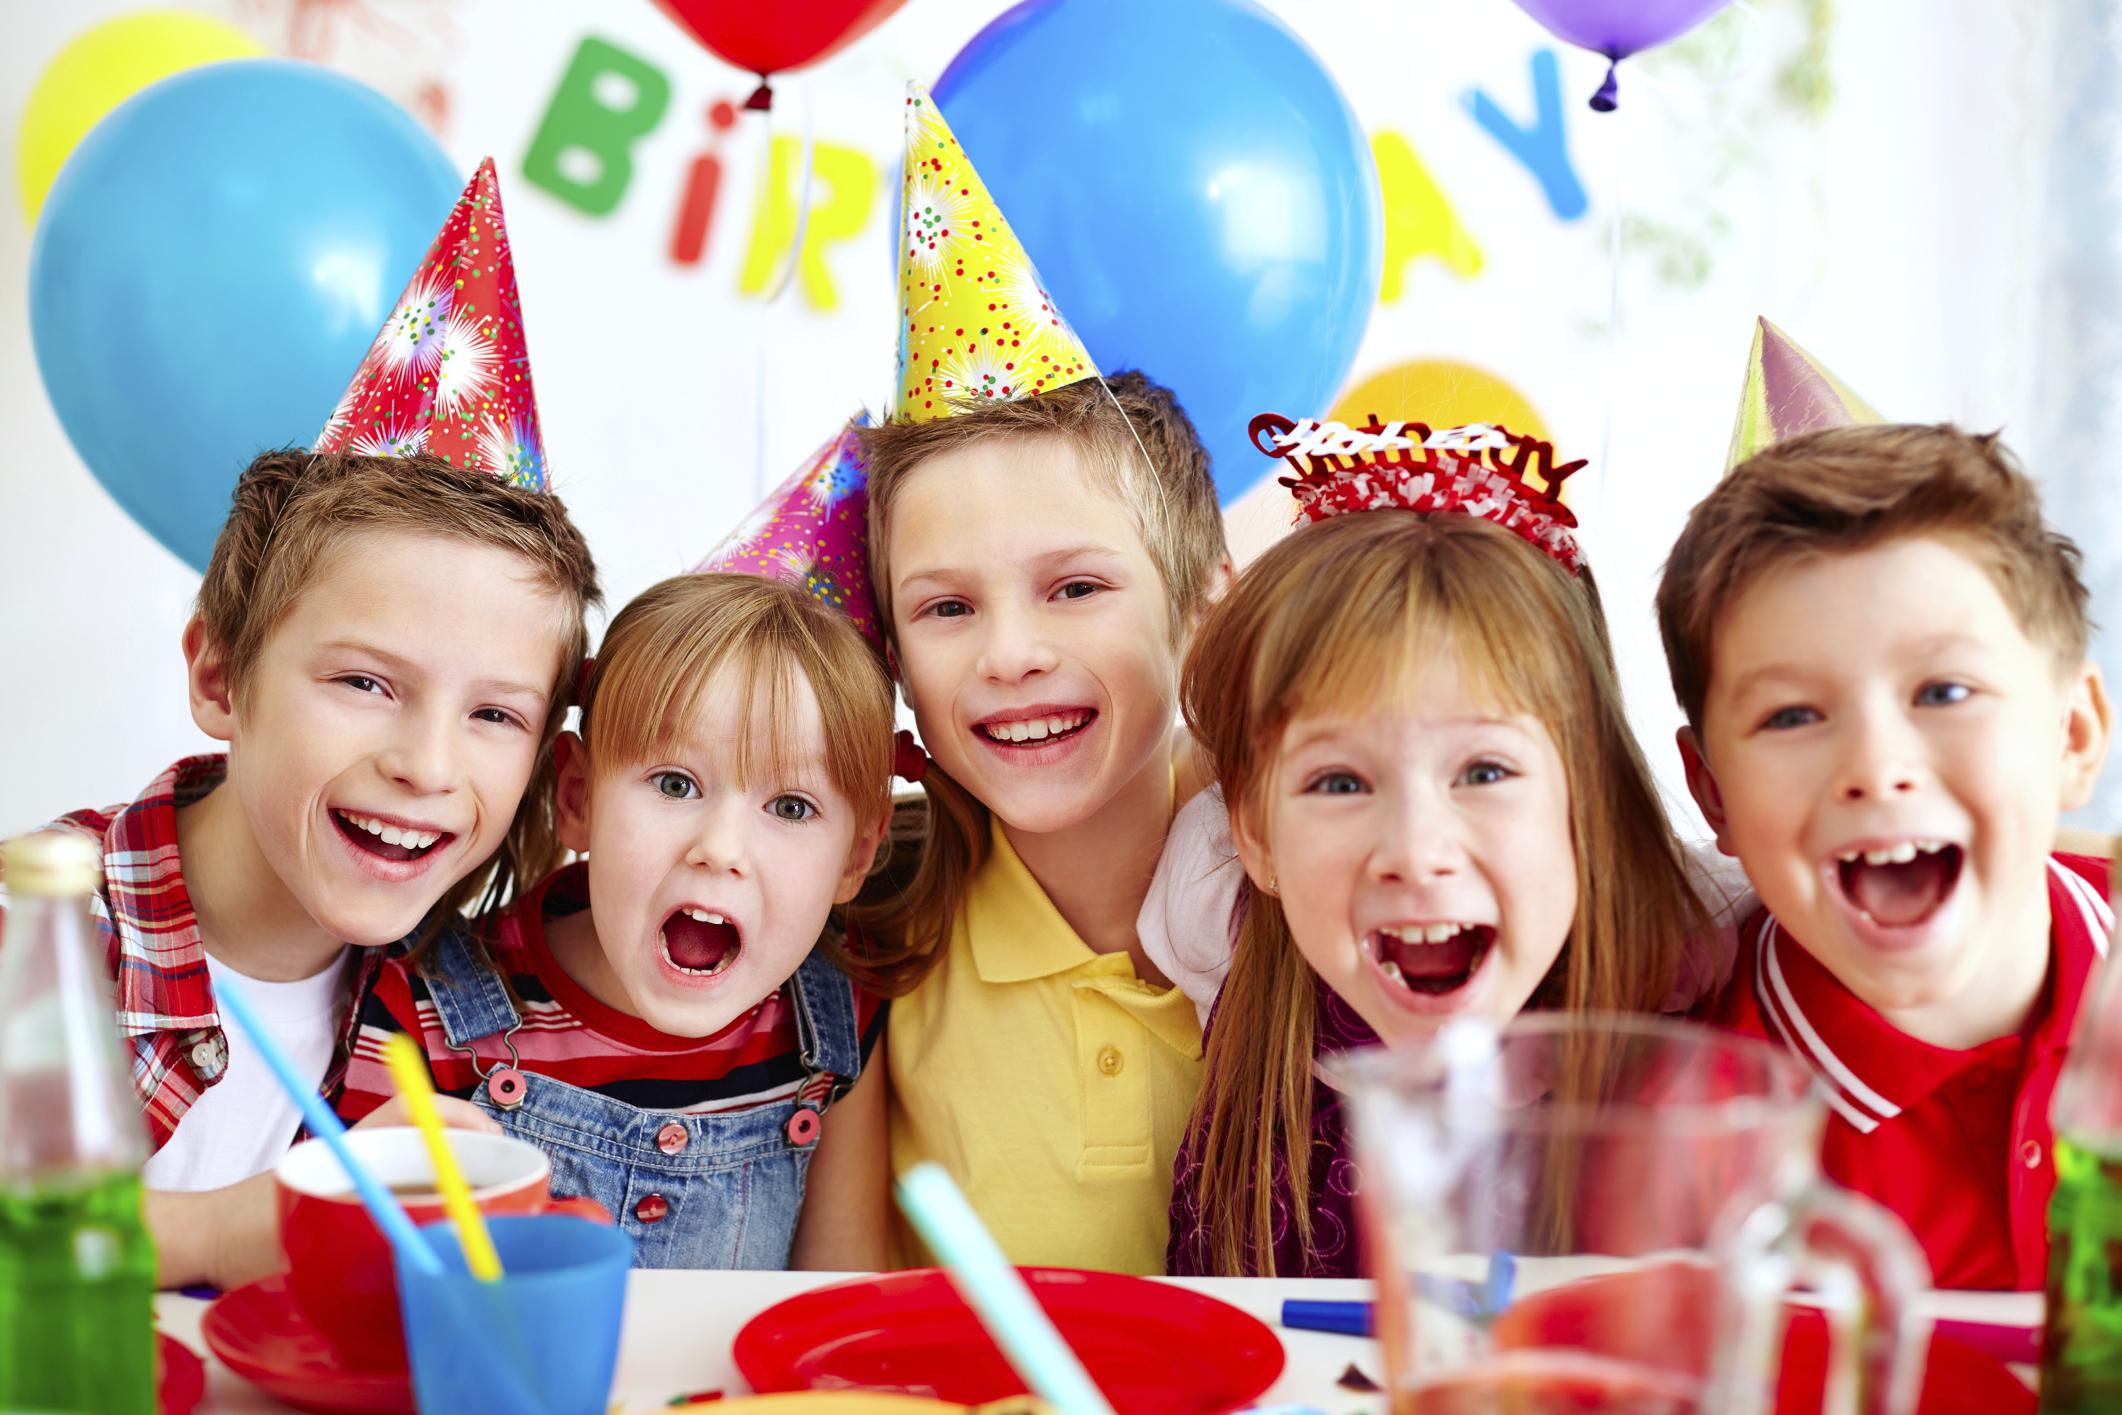 Come organizzare una festa per bambini di 3 anni - Yummymummy